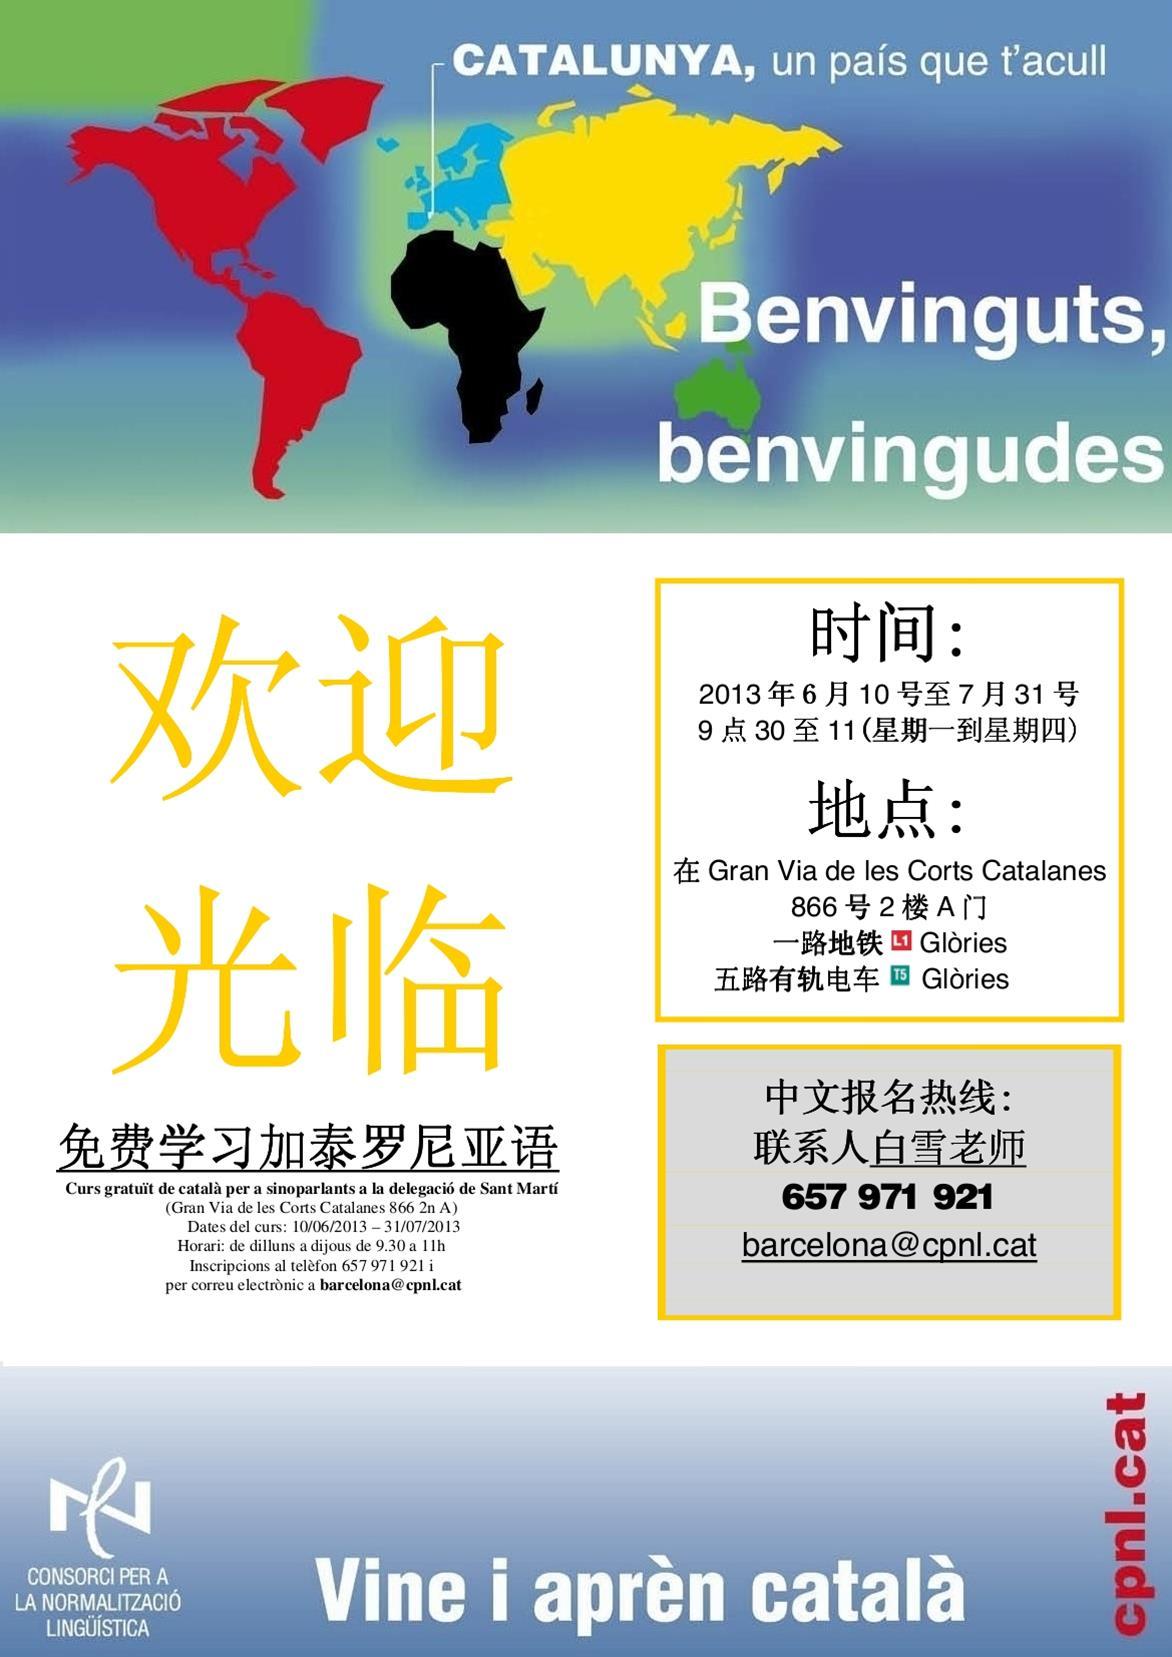 Curs de català per a persones de parla xinesa